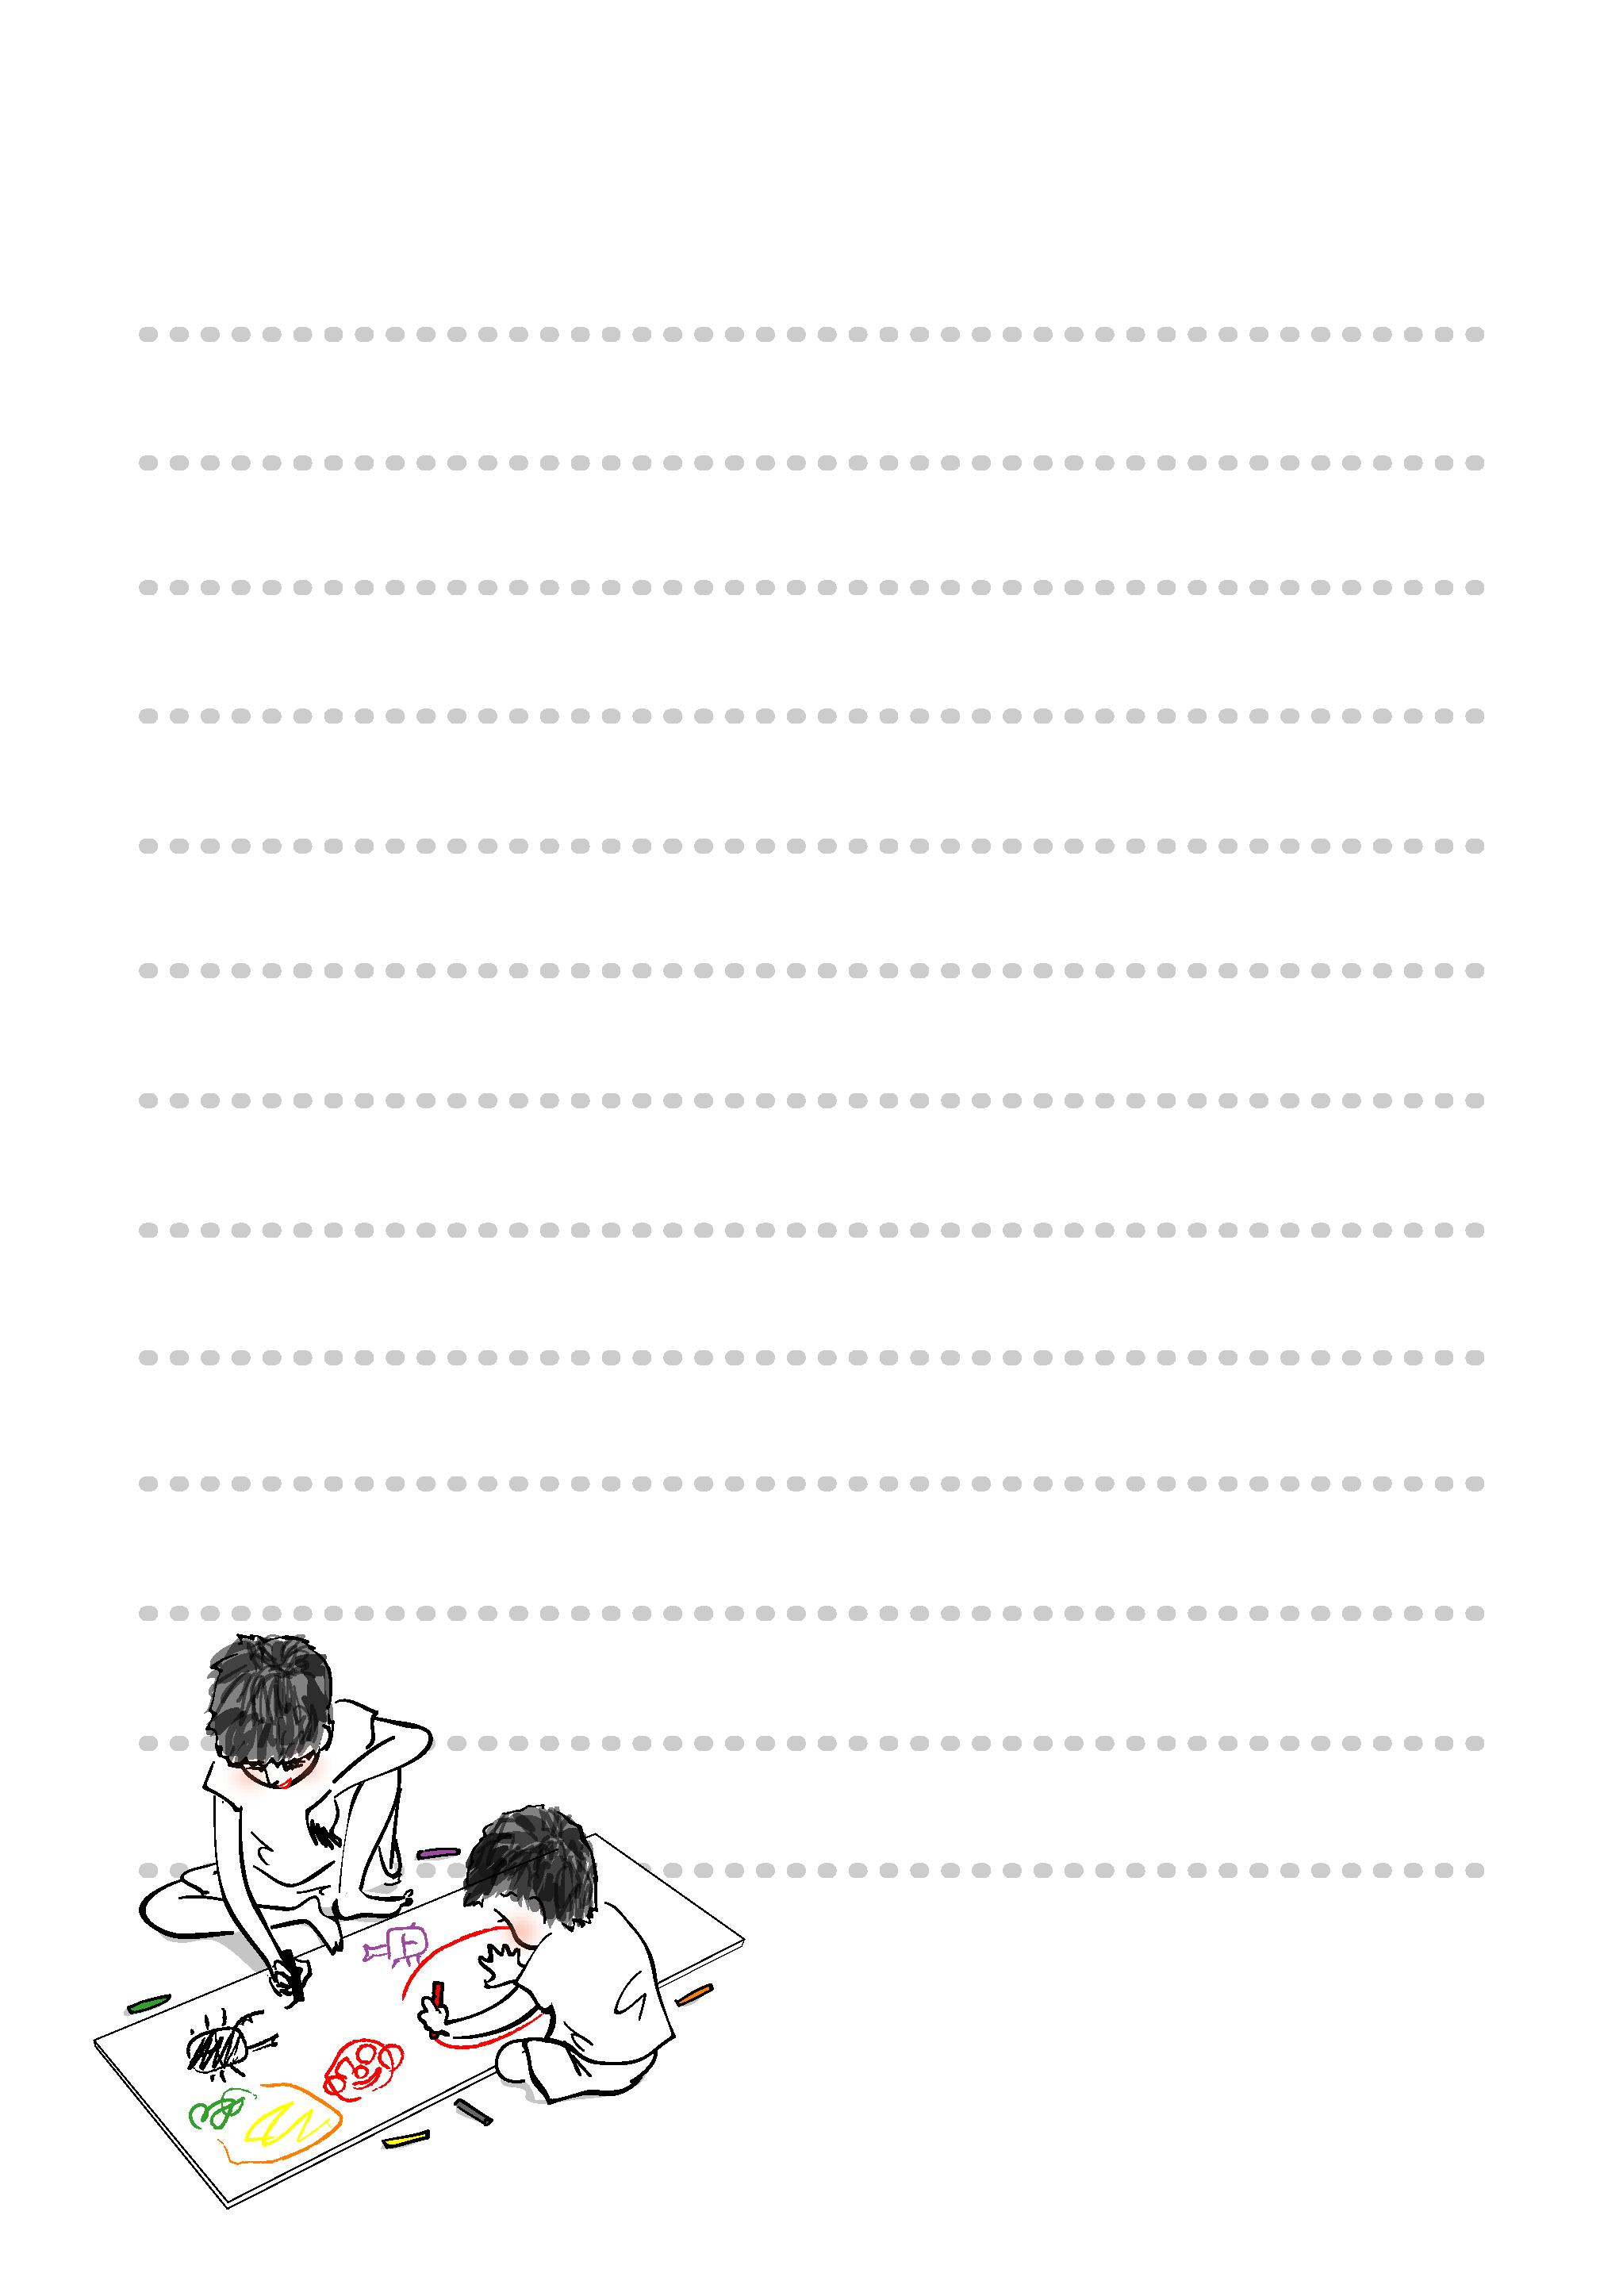 すべての講義 a4 便箋 : 便箋テンプレート「絵を描く ...